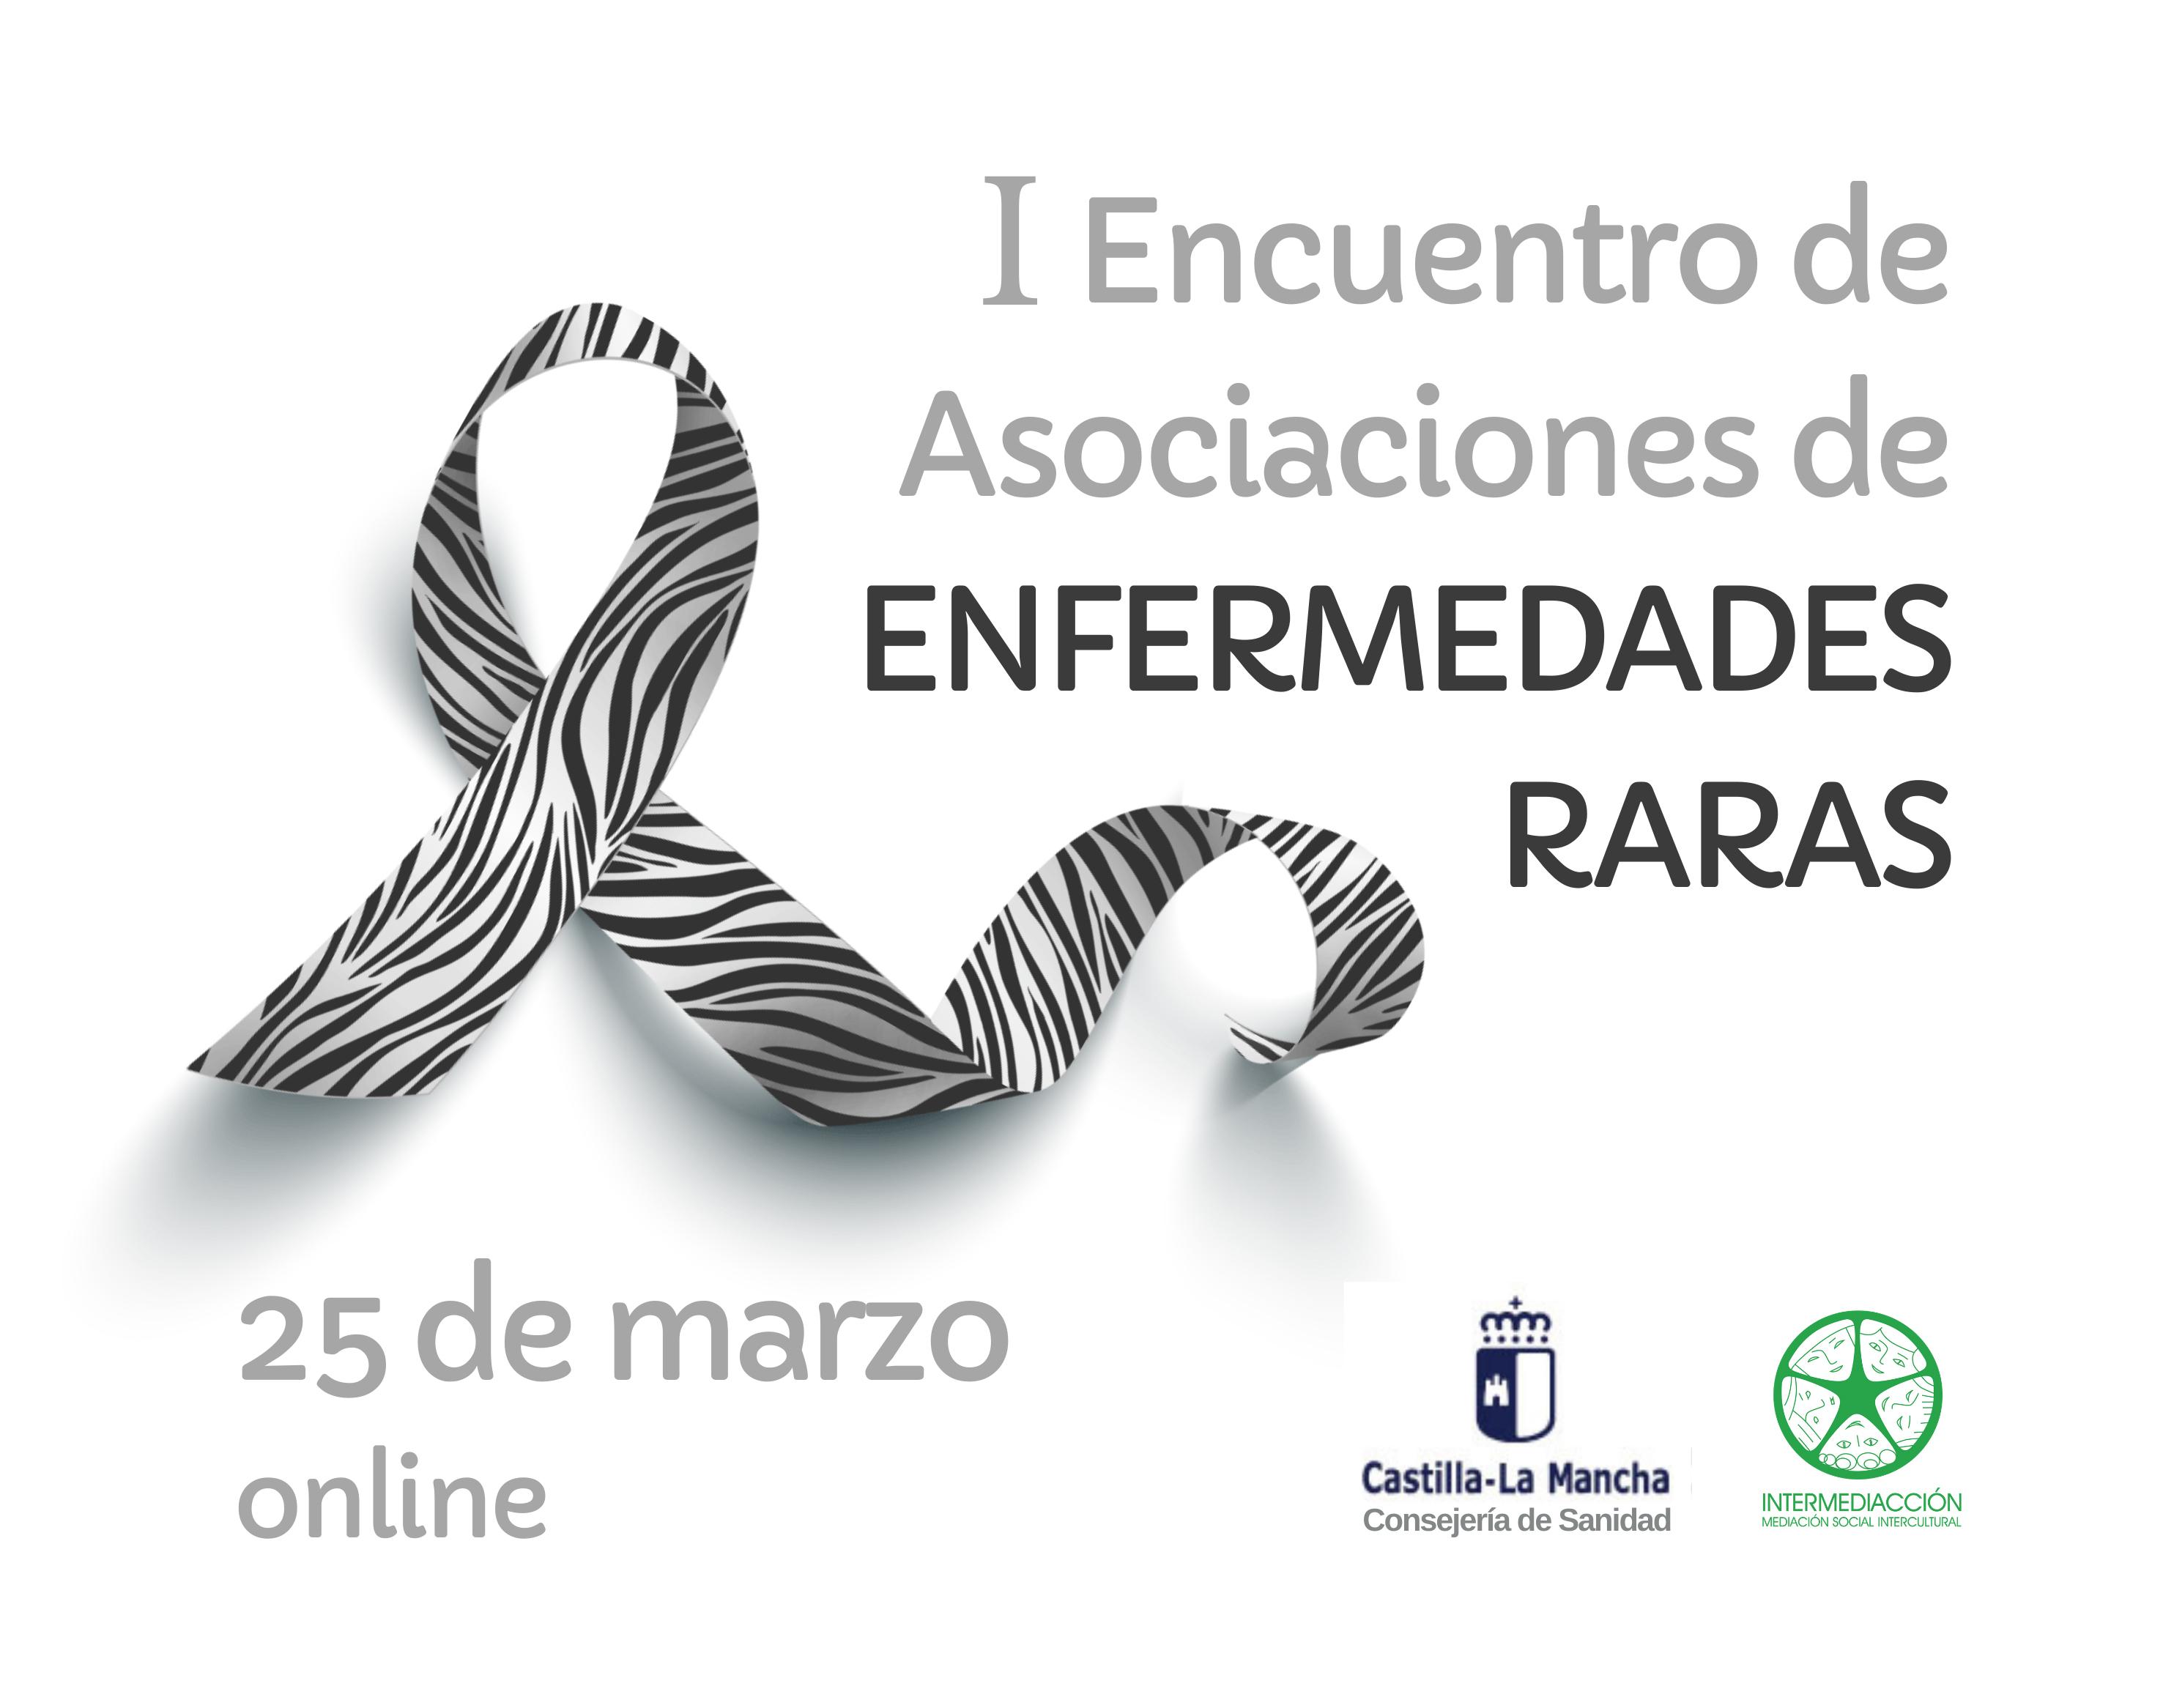 I ENCUENTRO DE ASOCIACIONES DE ENFERMEDADES RARAS